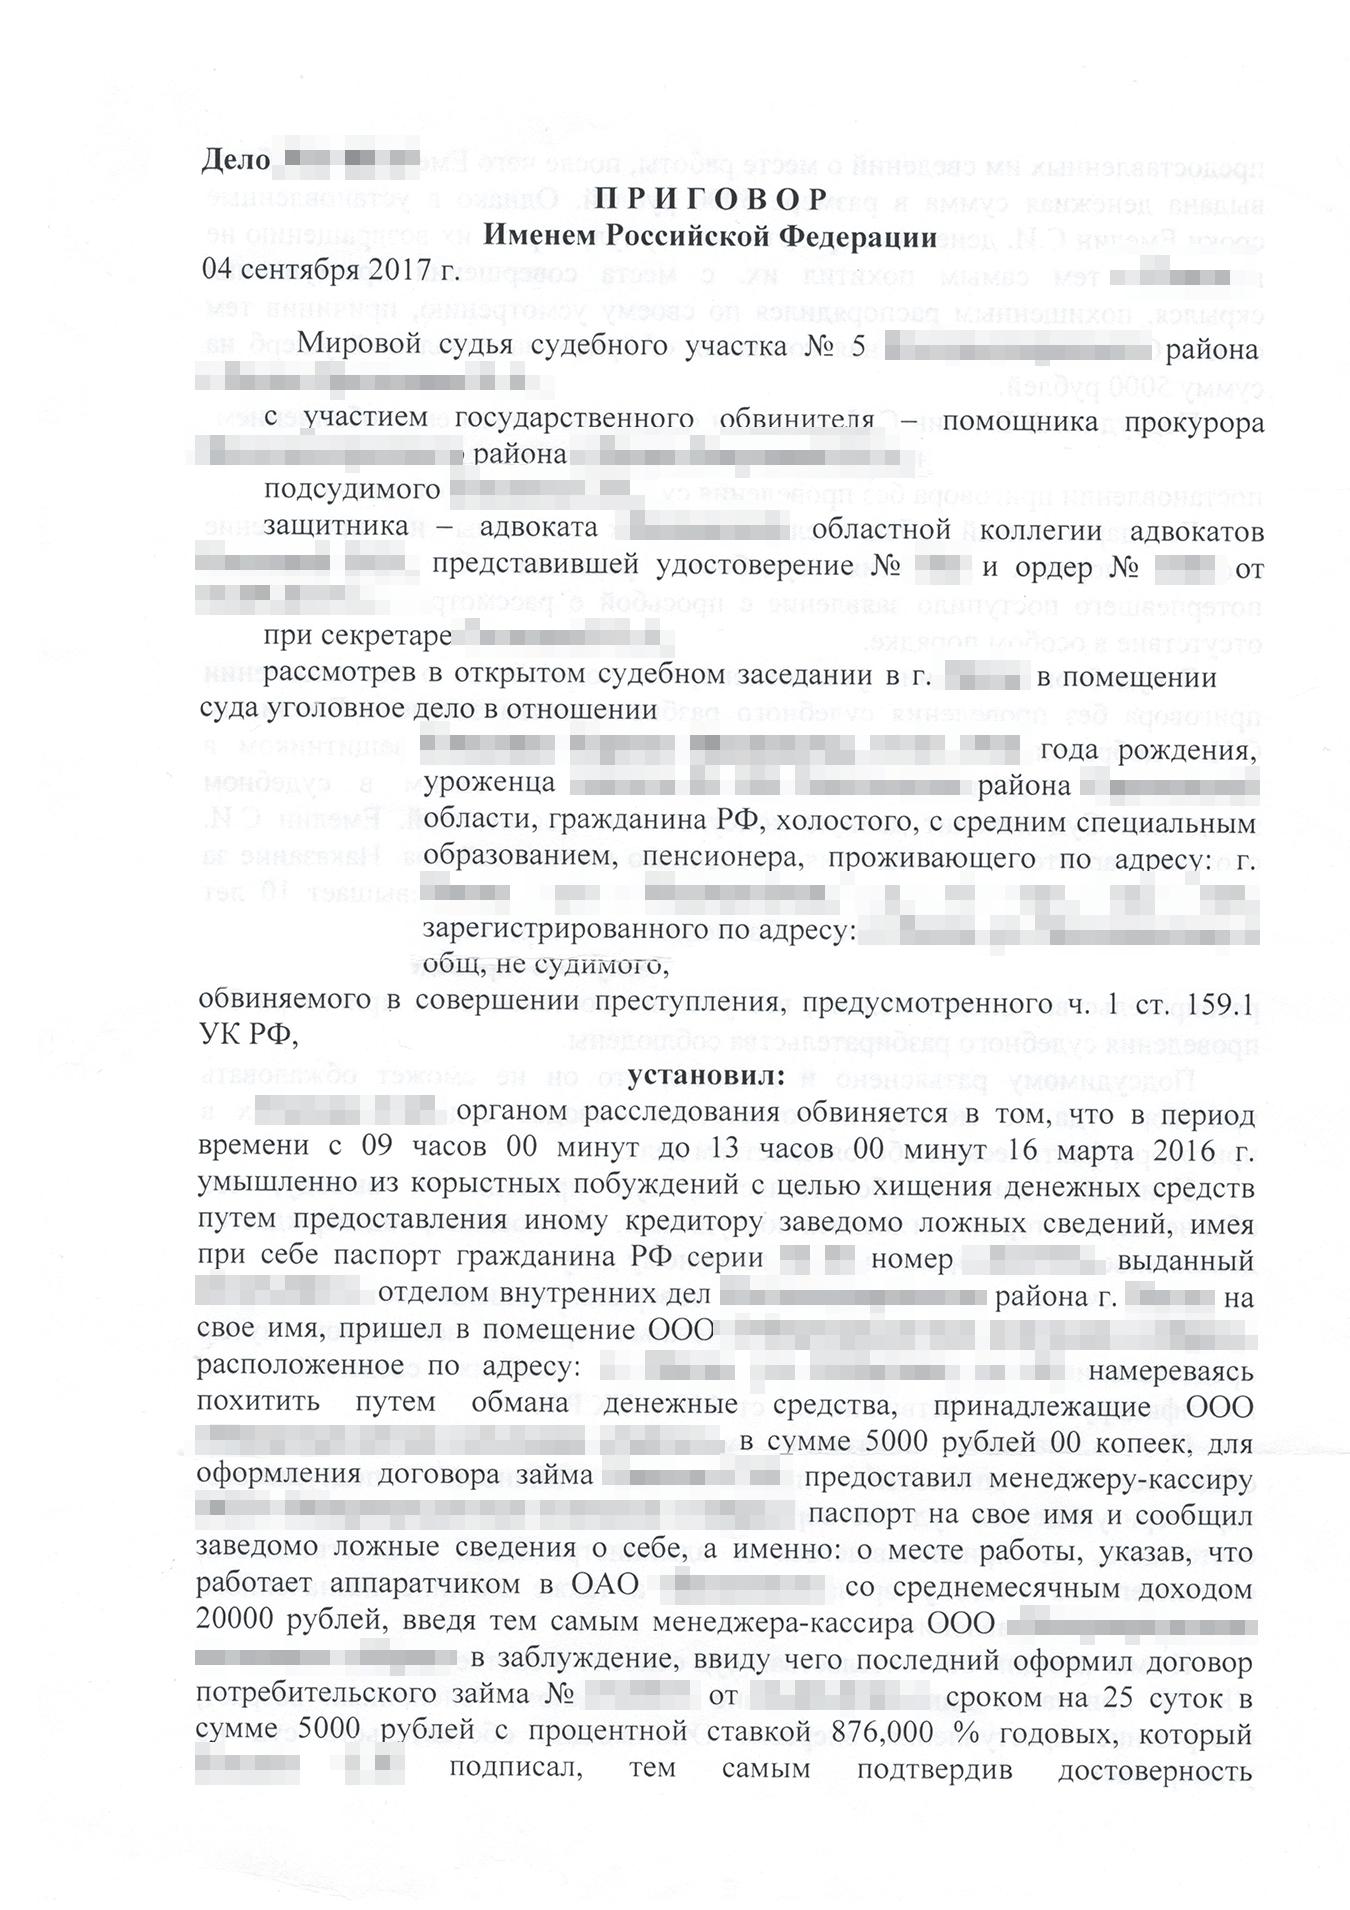 Приговор клиенту, который предоставил ложные сведения о месте работы